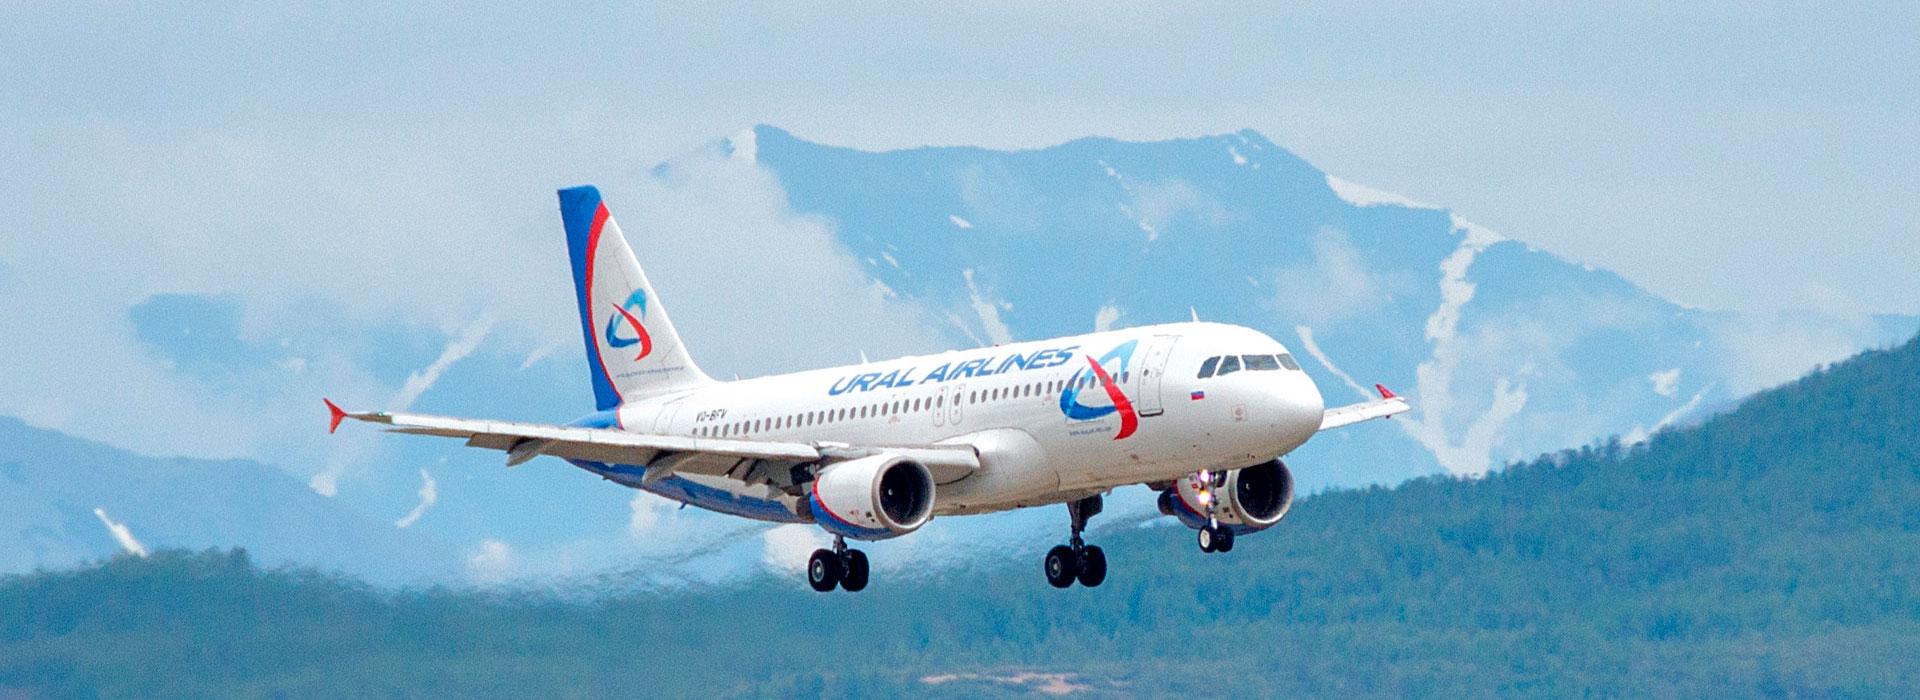 Уральские авиалинии дубай москва диван дубай много мебели фото и отзывы